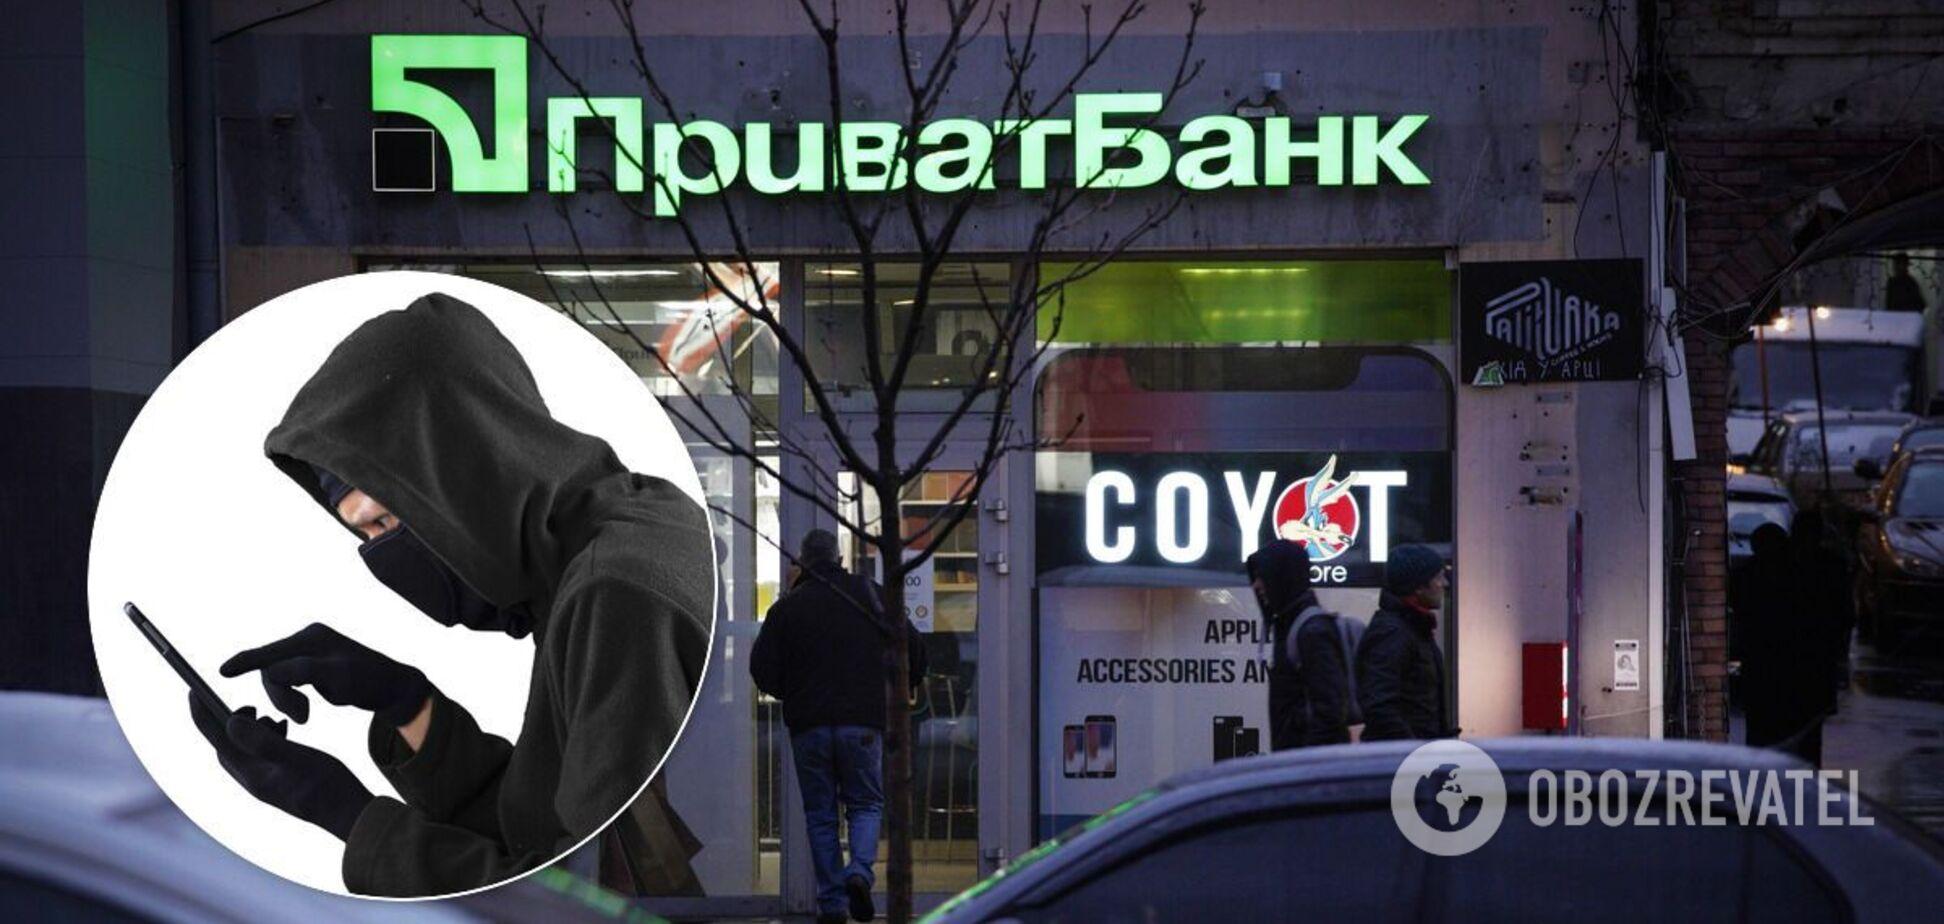 В НБУ рассказали, как защитить банковскую карту от мошенников